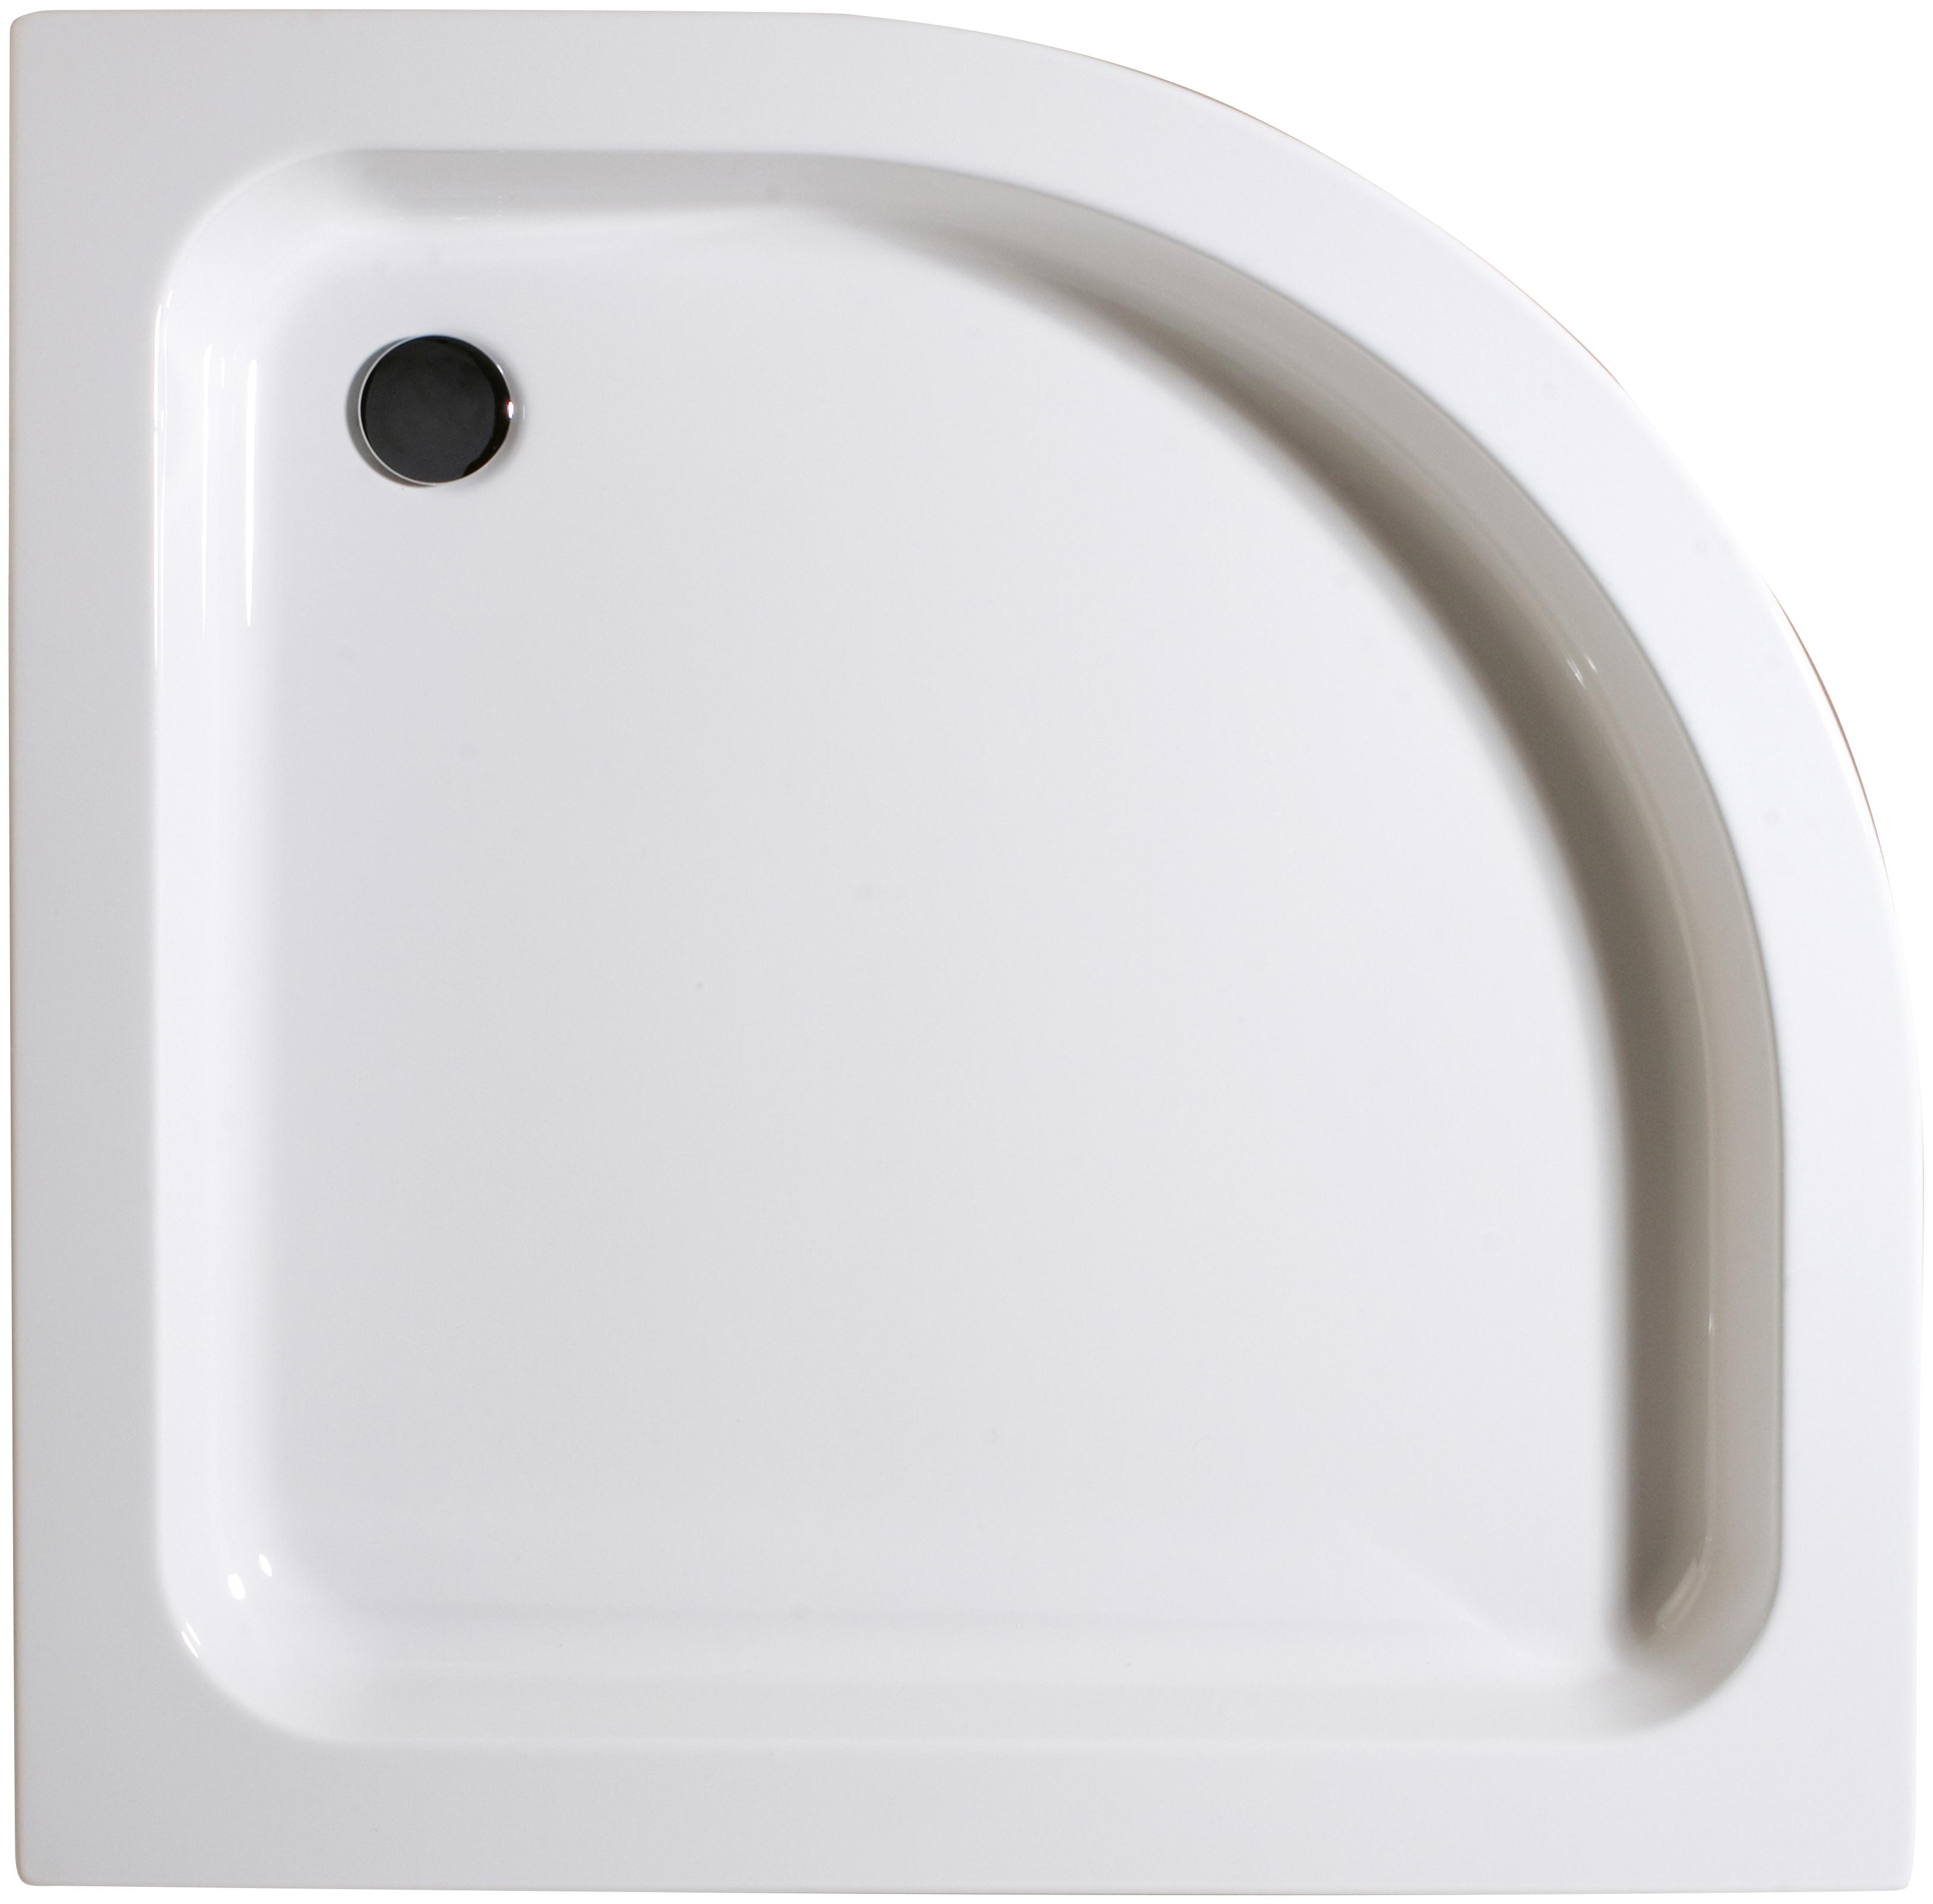 Schulte Duschwanne, flach, 90 x cm weiß Duschwannen Duschen Bad Sanitär